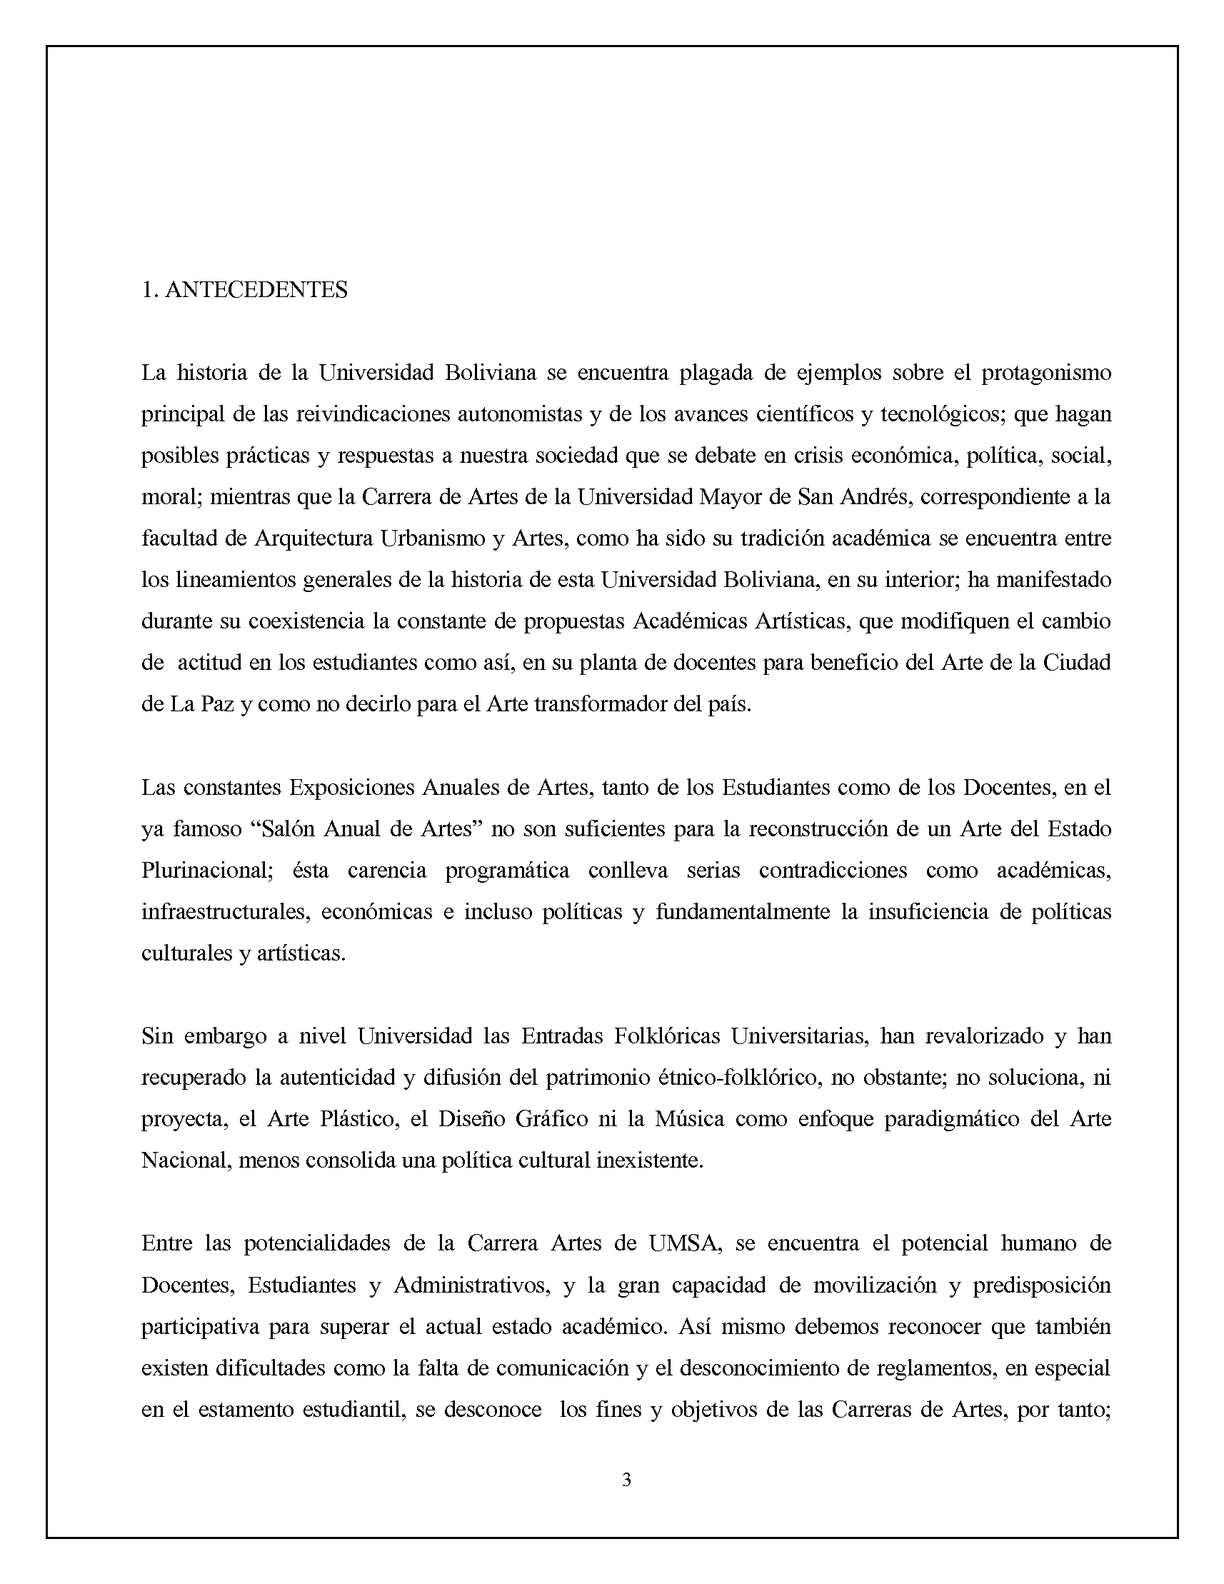 Magnífico Reanudar Carreras Anteriores De Cambio De Docentes ...